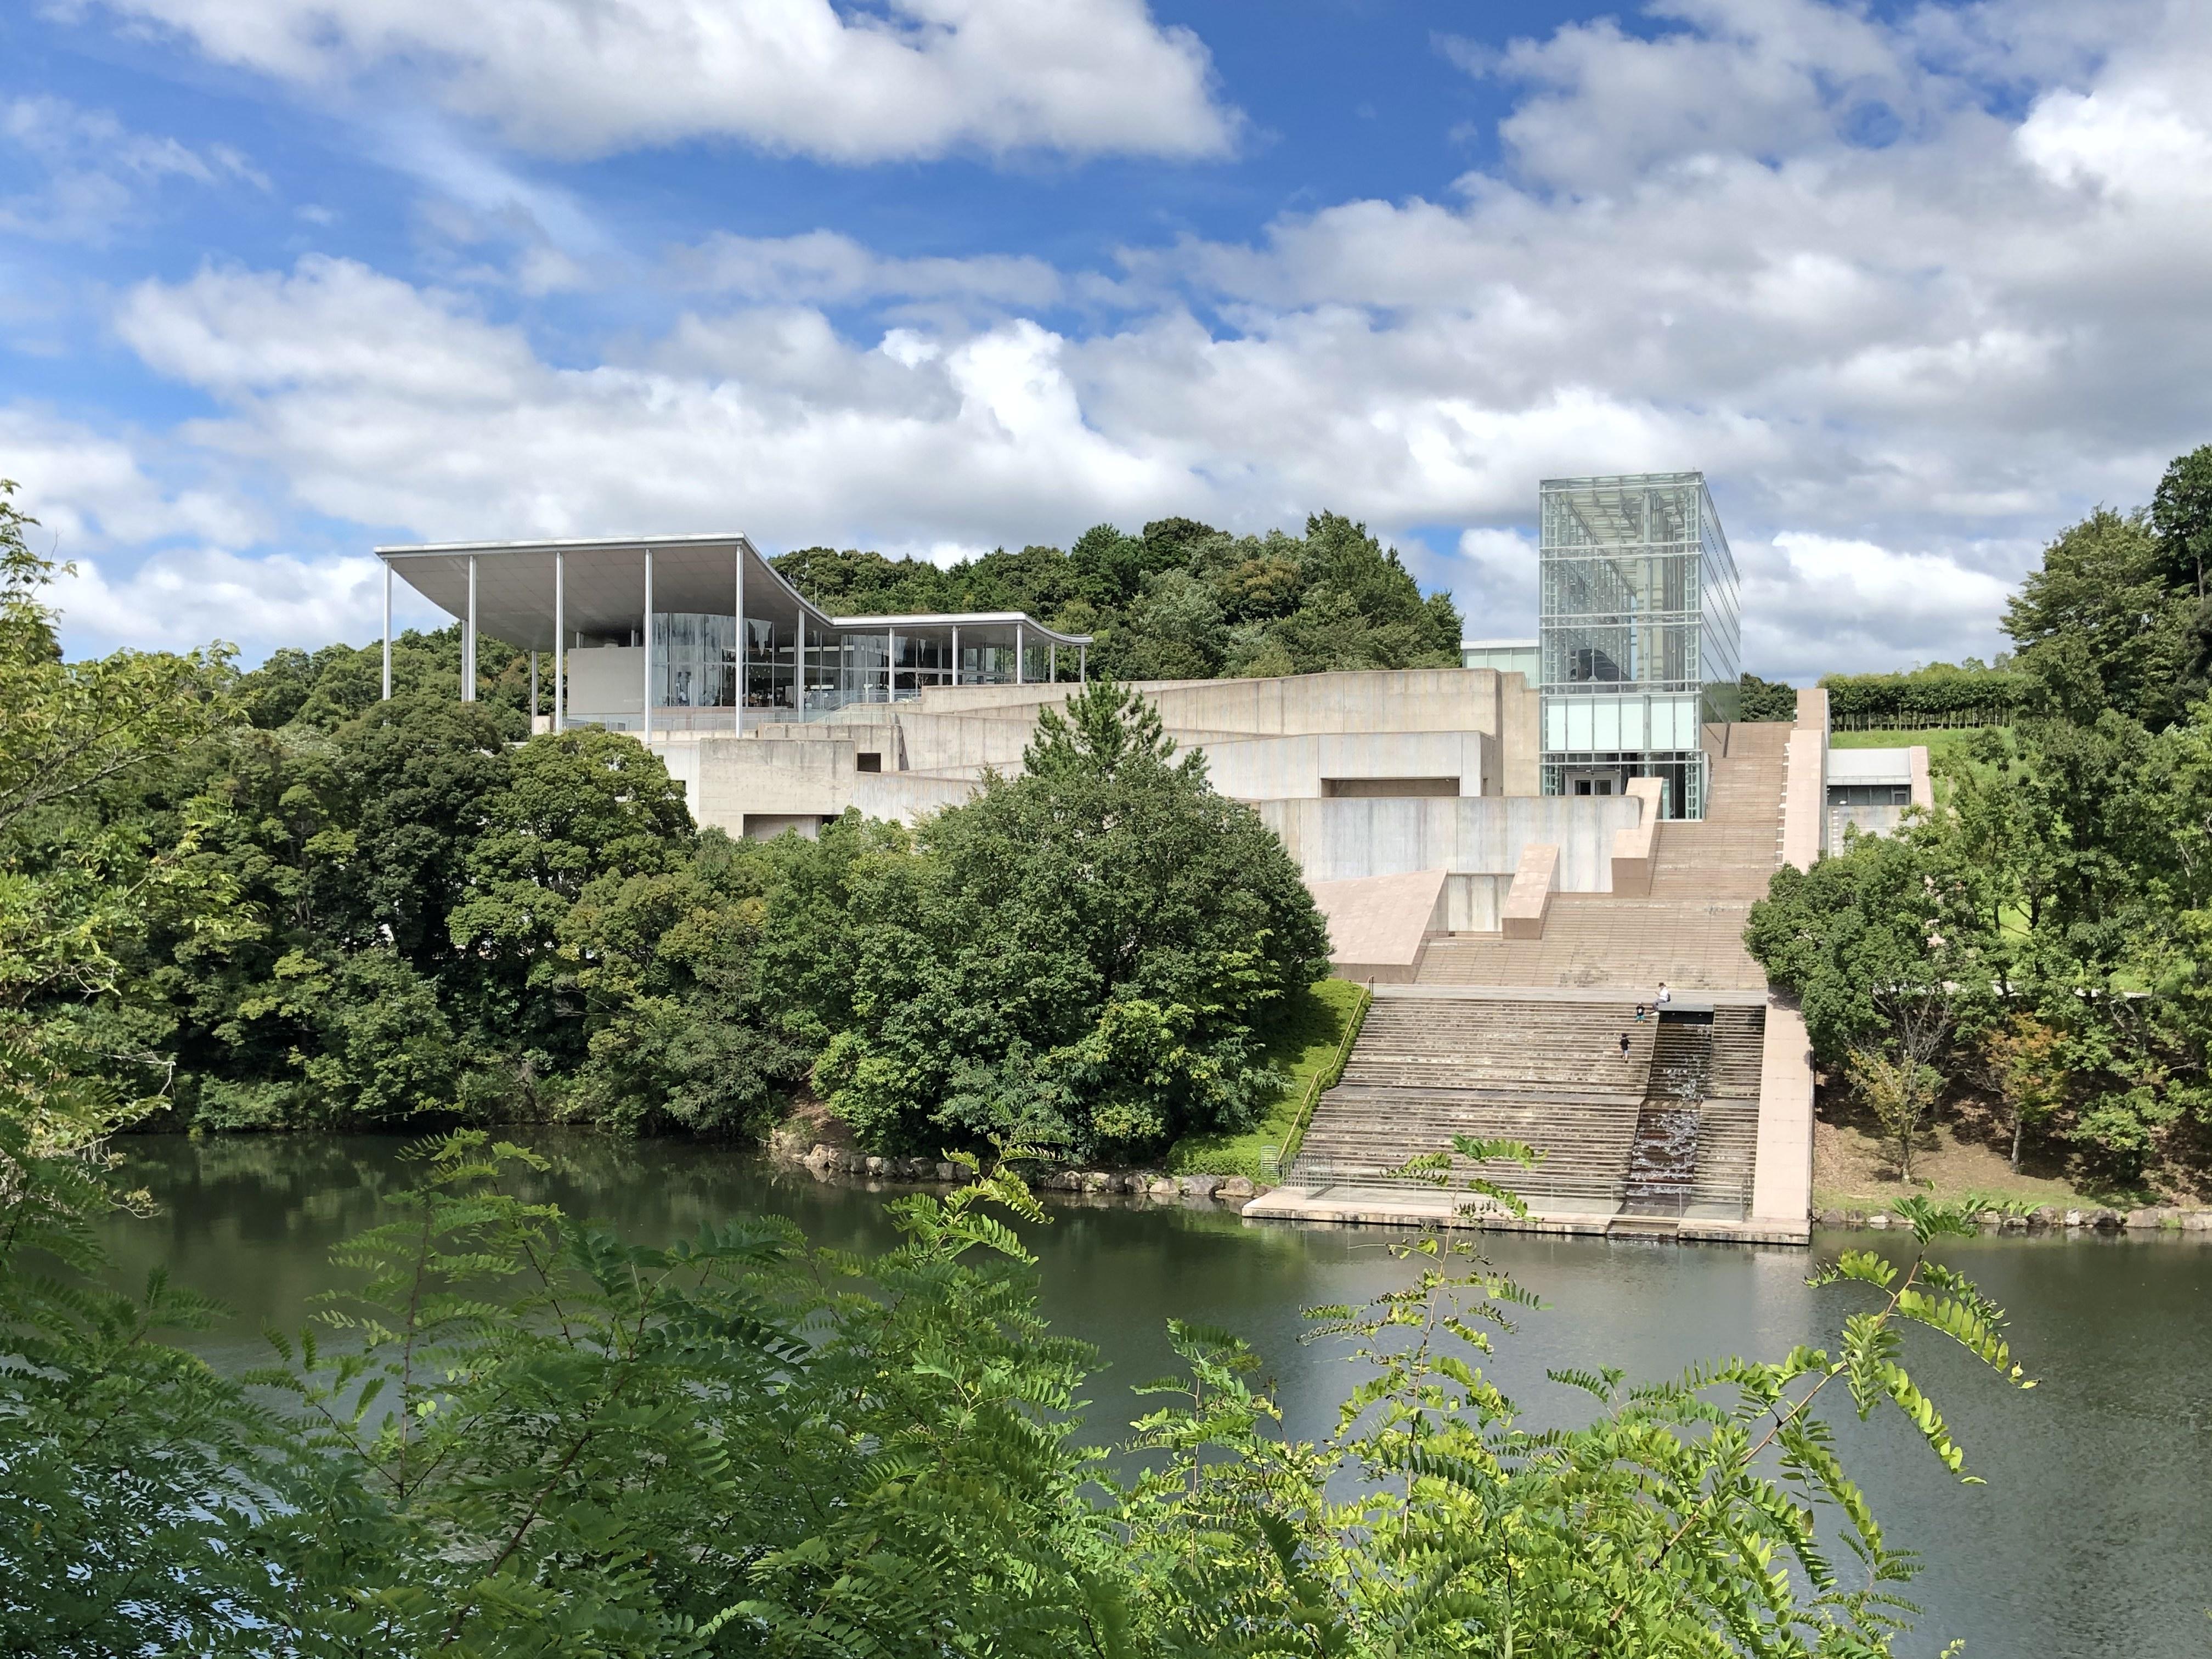 岡崎市美術博物館 - Wikipedia